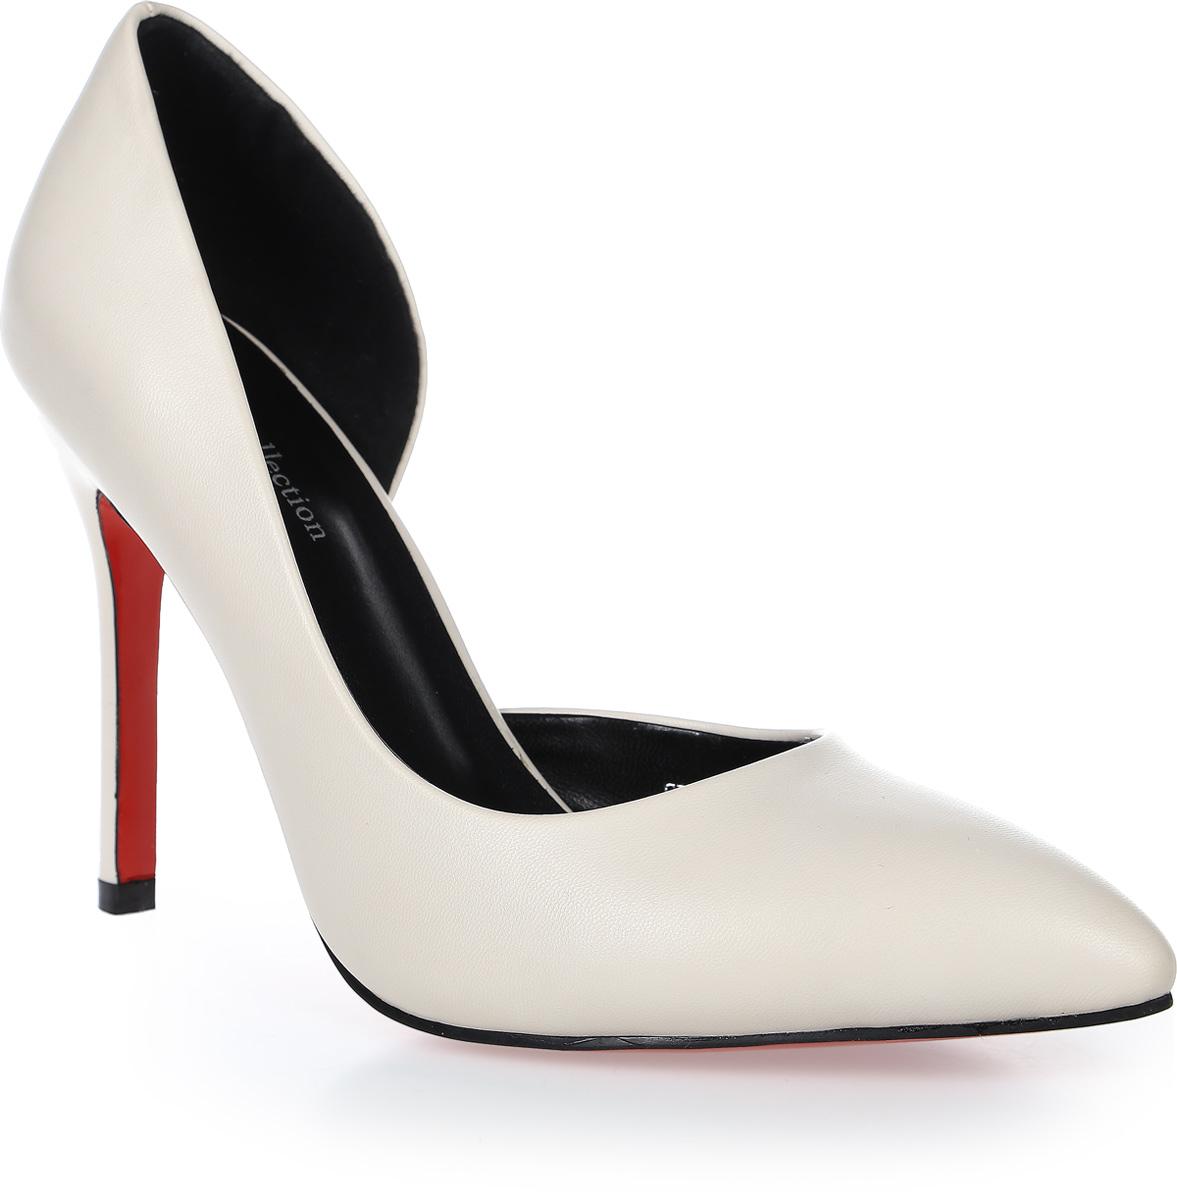 Туфли женские LK collection, цвет: молочный. SP-EA2201-3 PU (SP-E305001-6). Размер 37SP-EA2201-3 PU (SP-E305001-6)Стильные туфли-лодочки на высокой шпильке выполнены из искусственной кожи. Стелька выполнена из натуральной кожи.